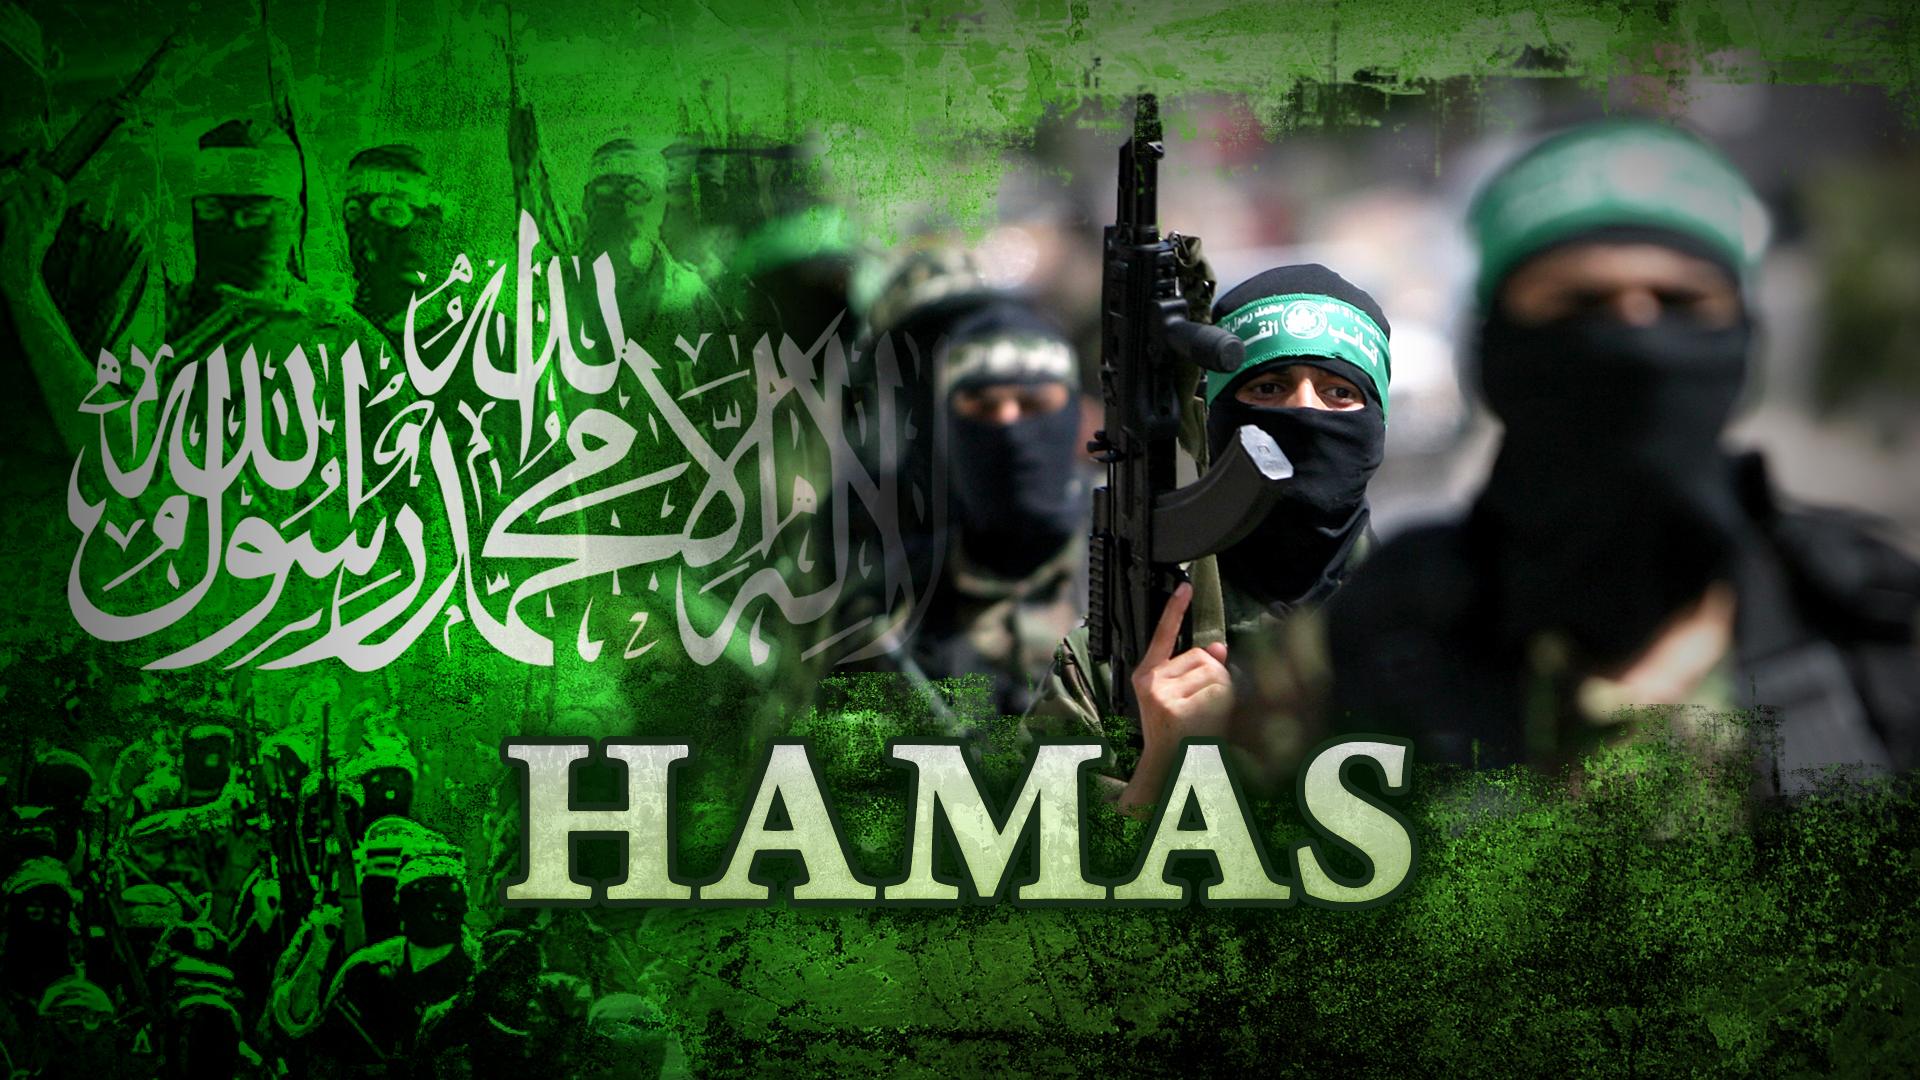 Nuevo documento político del Hamás – La lucha armada continuará y Palestina se extendería desde el río al mar – Por C. Jacob (Memri)